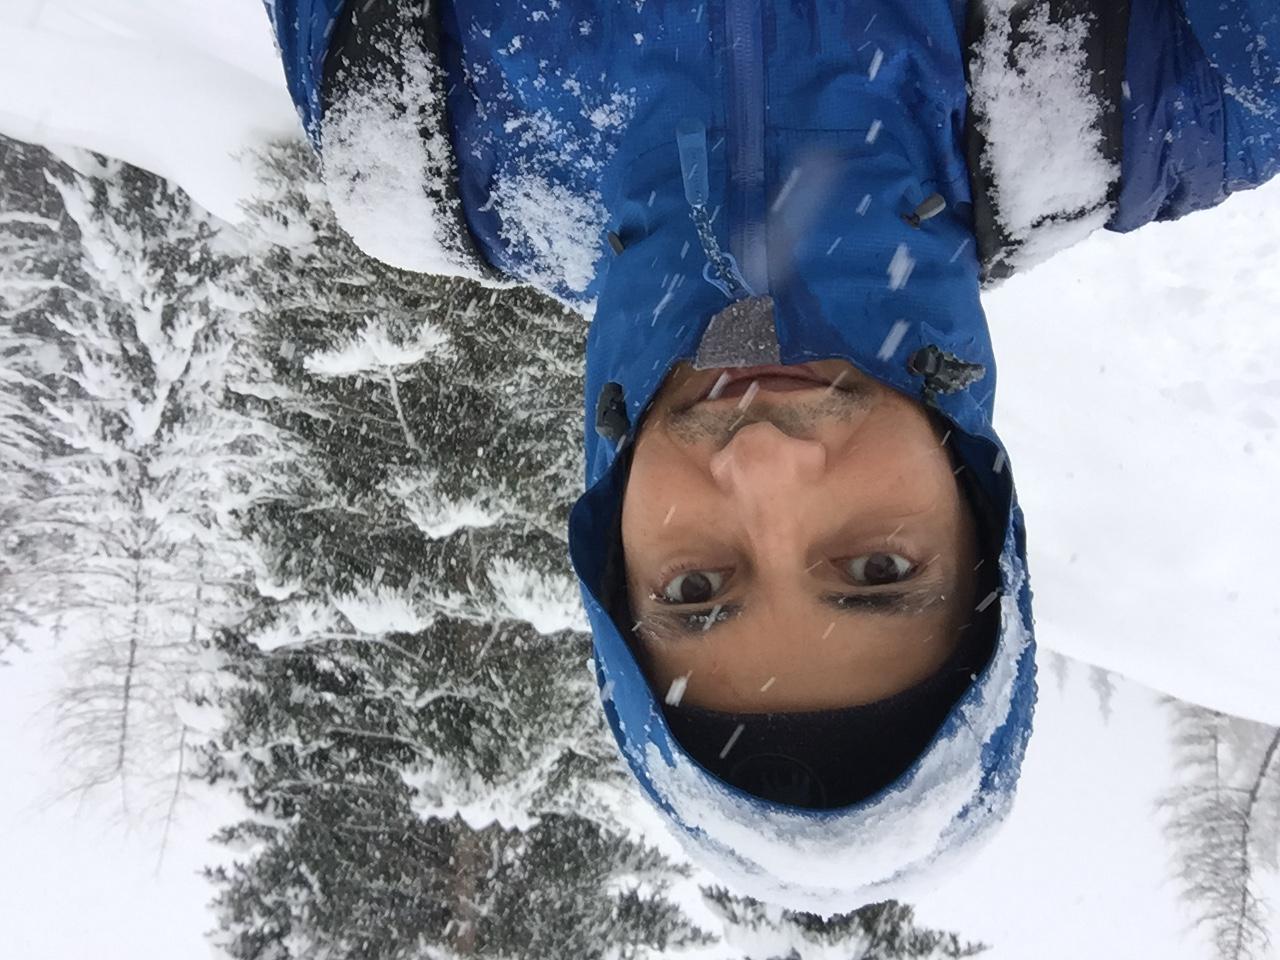 Patricio Hetfleisch Schnee